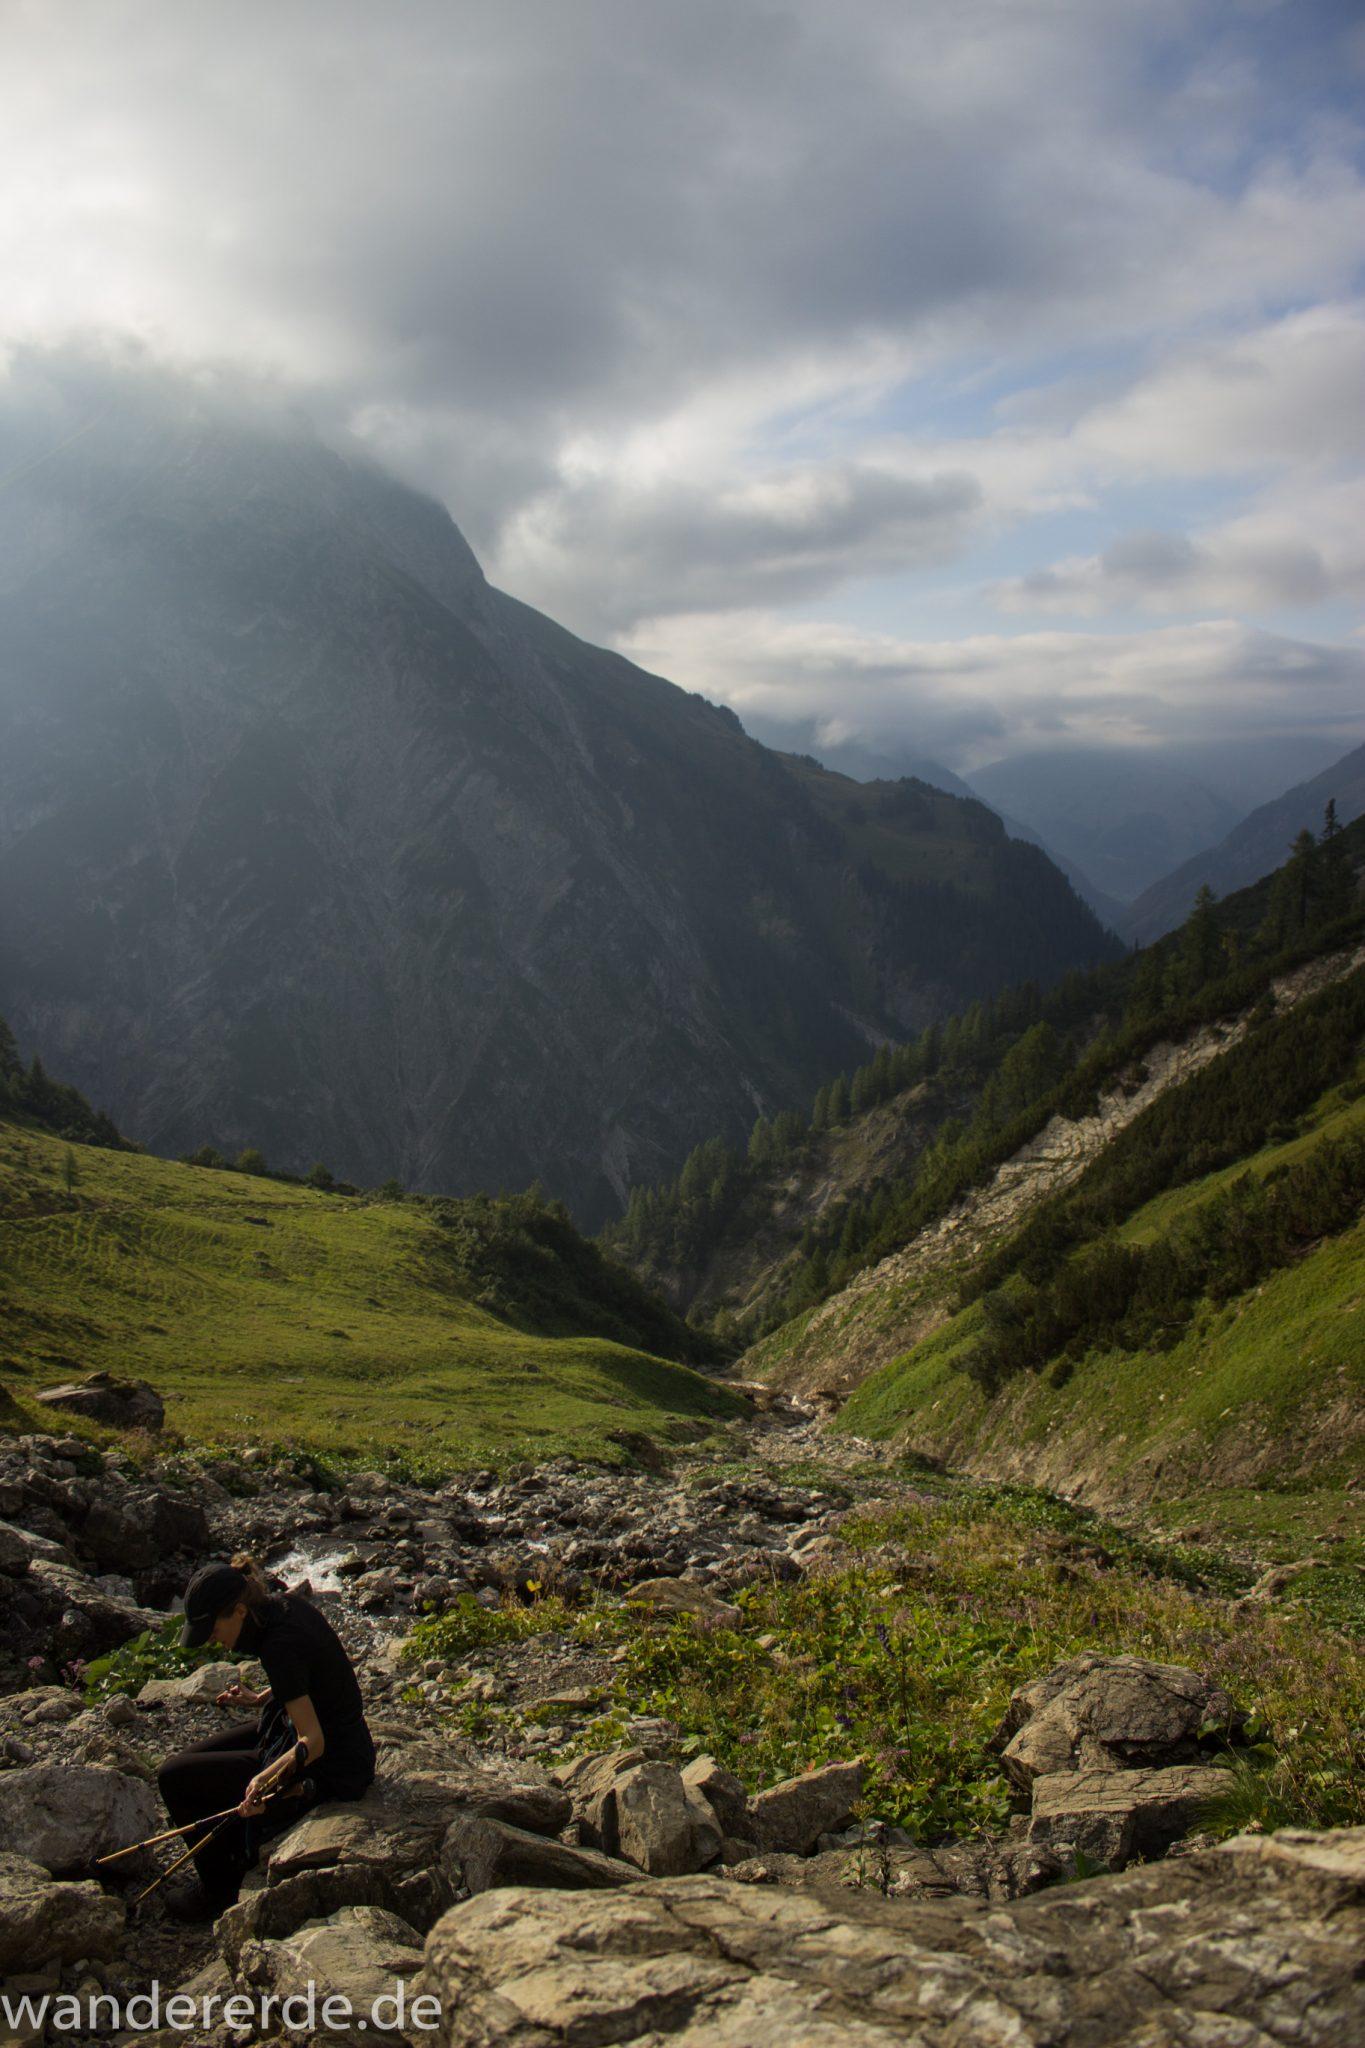 Alpenüberquerung Fernwanderweg E5 Oberstdorf Meran, 2. Etappe von Kemptner Hütte zur Memminger Hütte, schöner abwechslungsreicher und schmaler Wanderweg führt über Stock und Stein ab der Materialseilbahn der Memminger Hütte zunächst mäßig, dann steiler bergauf zur Memminger Hütte, idyllische Landschaft öffnet sich zu flacherer Ebene mit saftig grünen Wiesen und führt zum schönen Wasserfall umgeben von beeindruckenden Bergen und rundum schöner Aussicht, Wanderer macht Pause beim Wasserfall